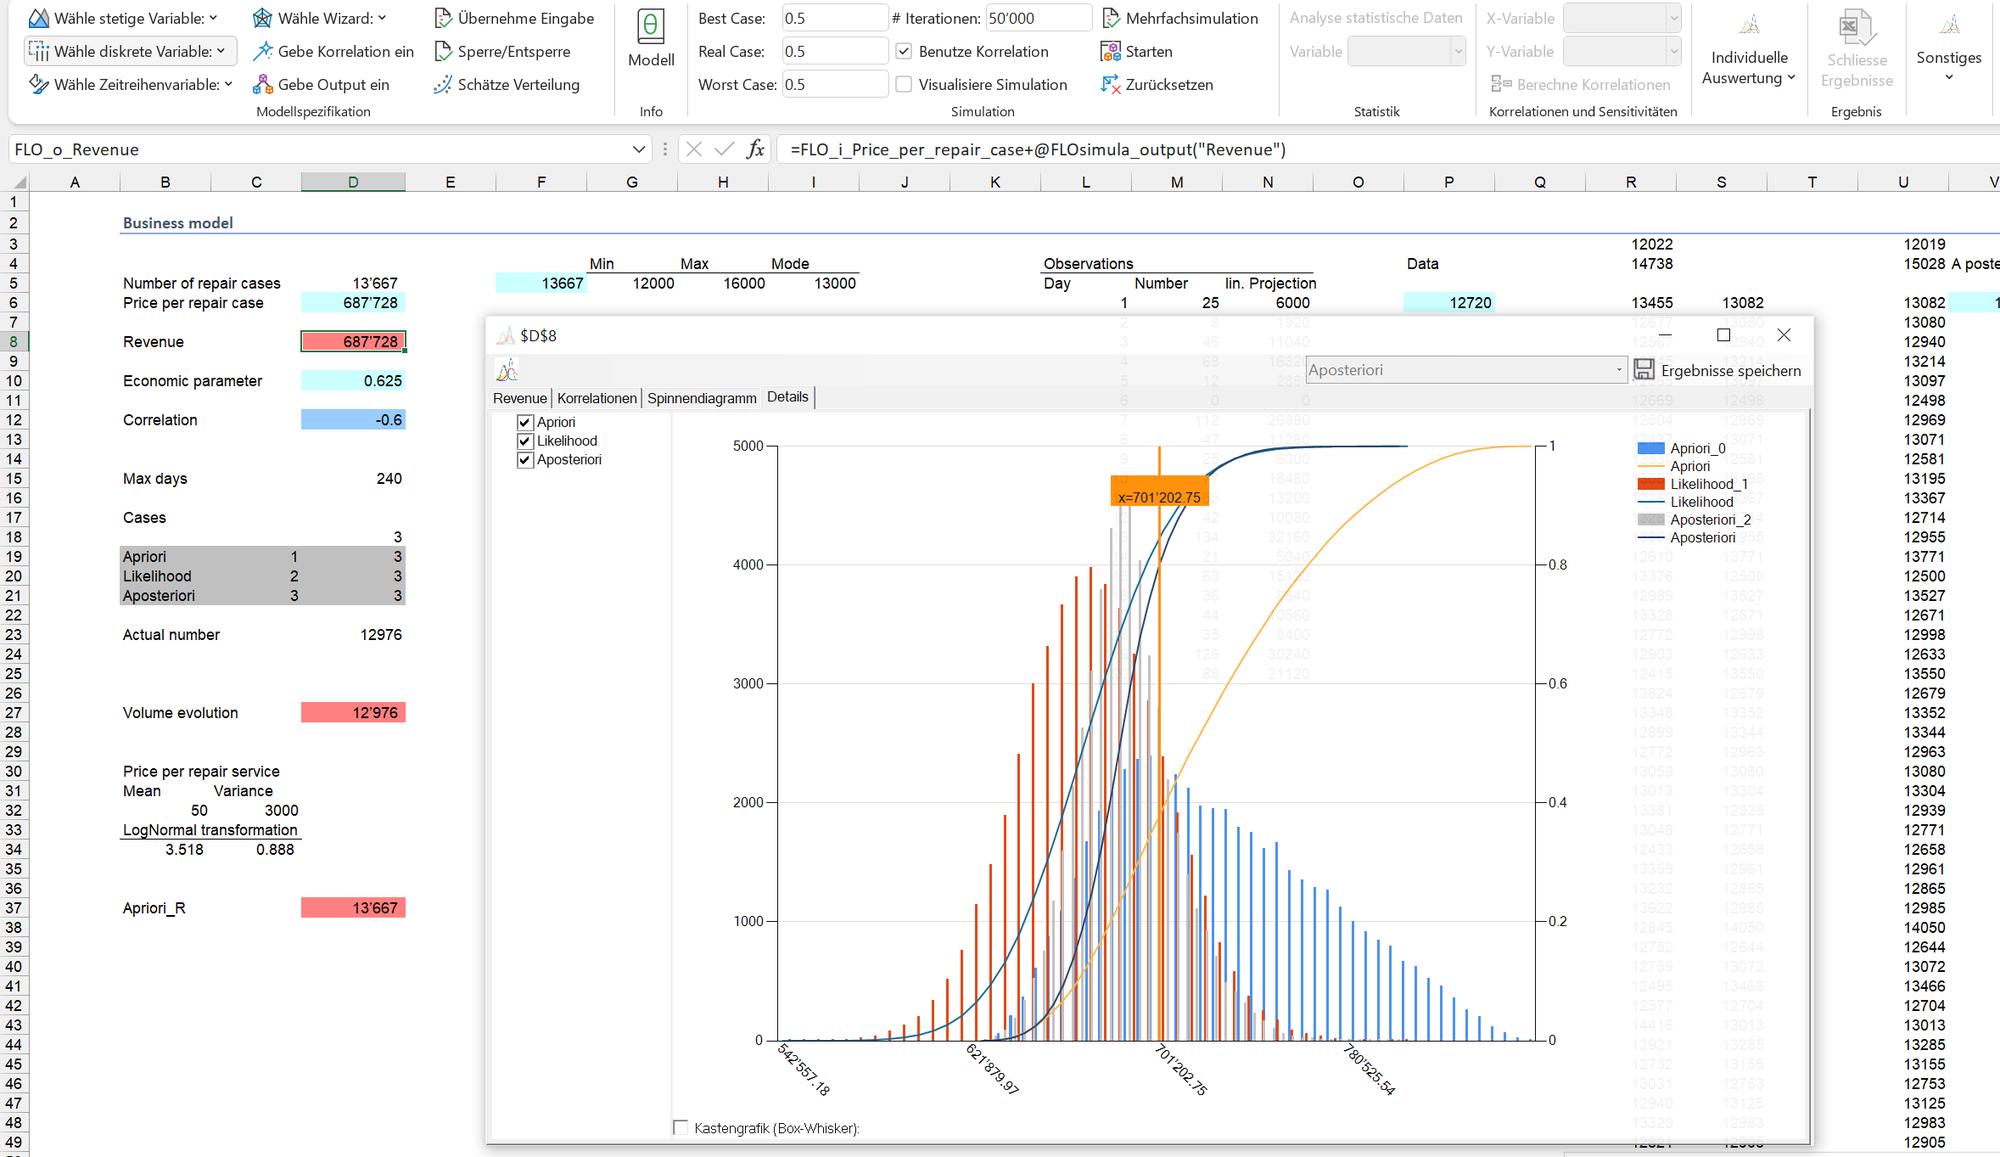 Das Zusammenspiel zwischen Planung und Prognose – eine Auslegung nach der modernen, von Bayes geprägten Statistik